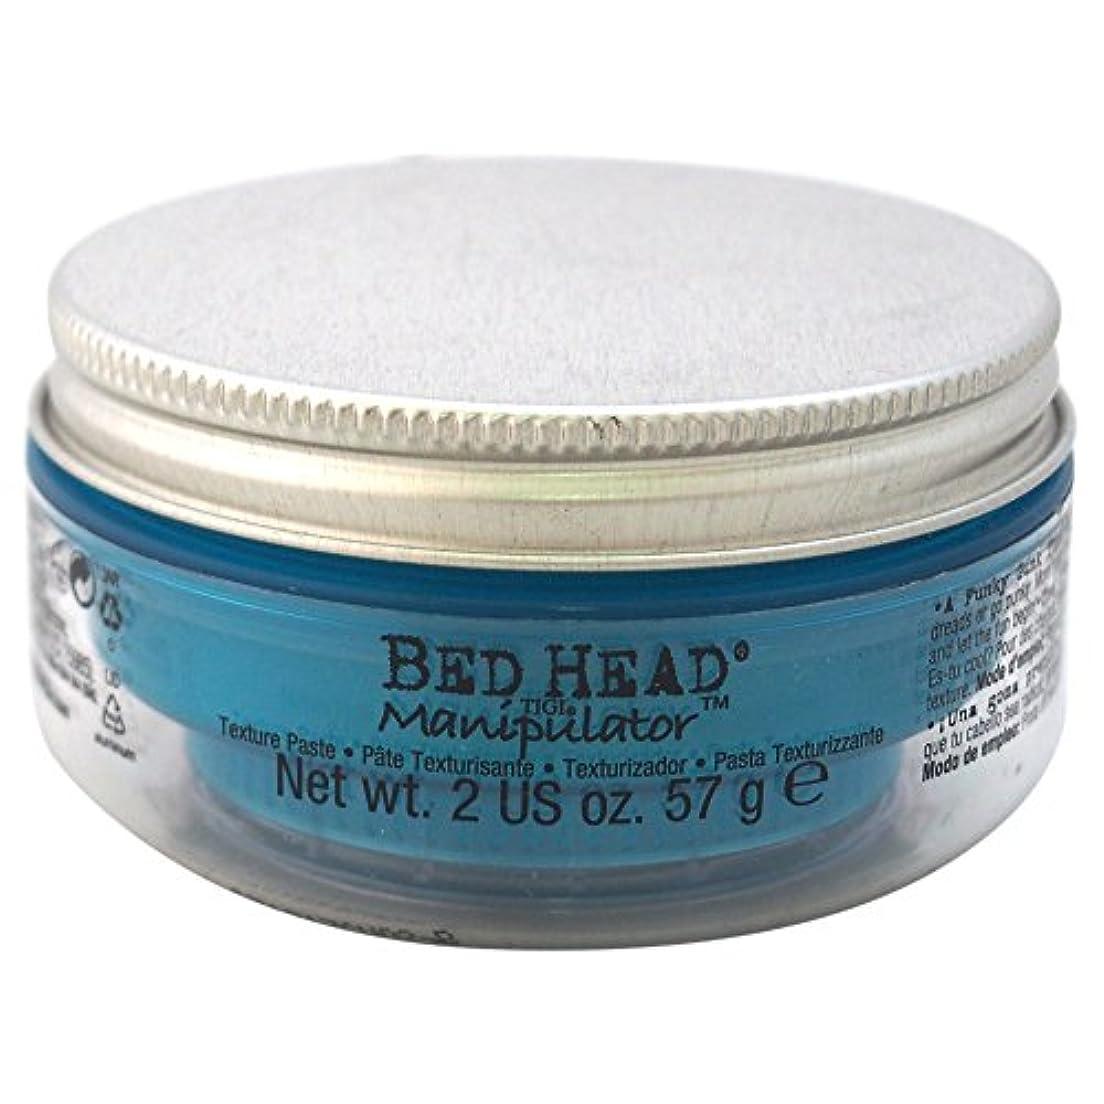 和らげるパット曇ったティジー ベッドヘッドマニピュレーター テキシチヤ ペースト Tigi Bed Head Manipulator Texture Paste 57 ml [並行輸入品]